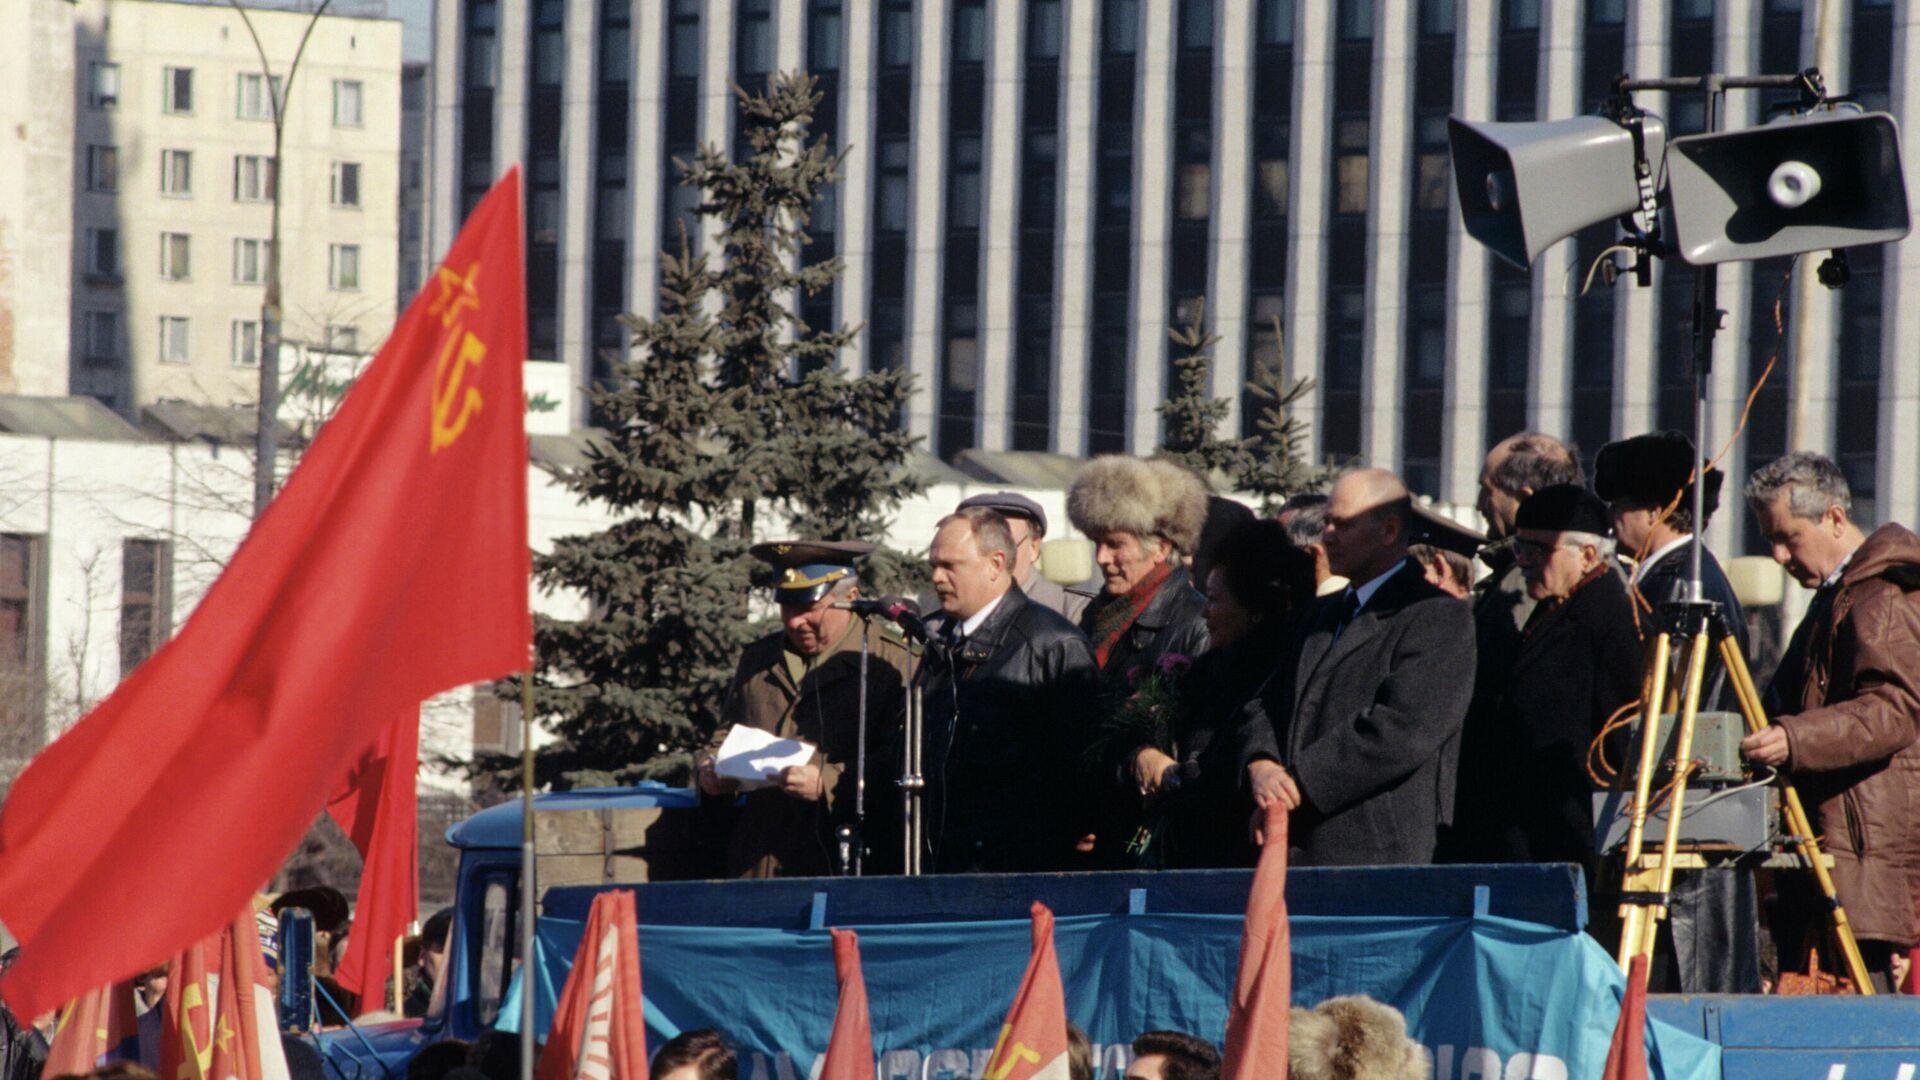 Митинг на Калужской площади в Москве, приуроченный к годовщине Всесоюзного референдума 17 марта 1991 года о сохранении СССР - РИА Новости, 1920, 05.03.2021